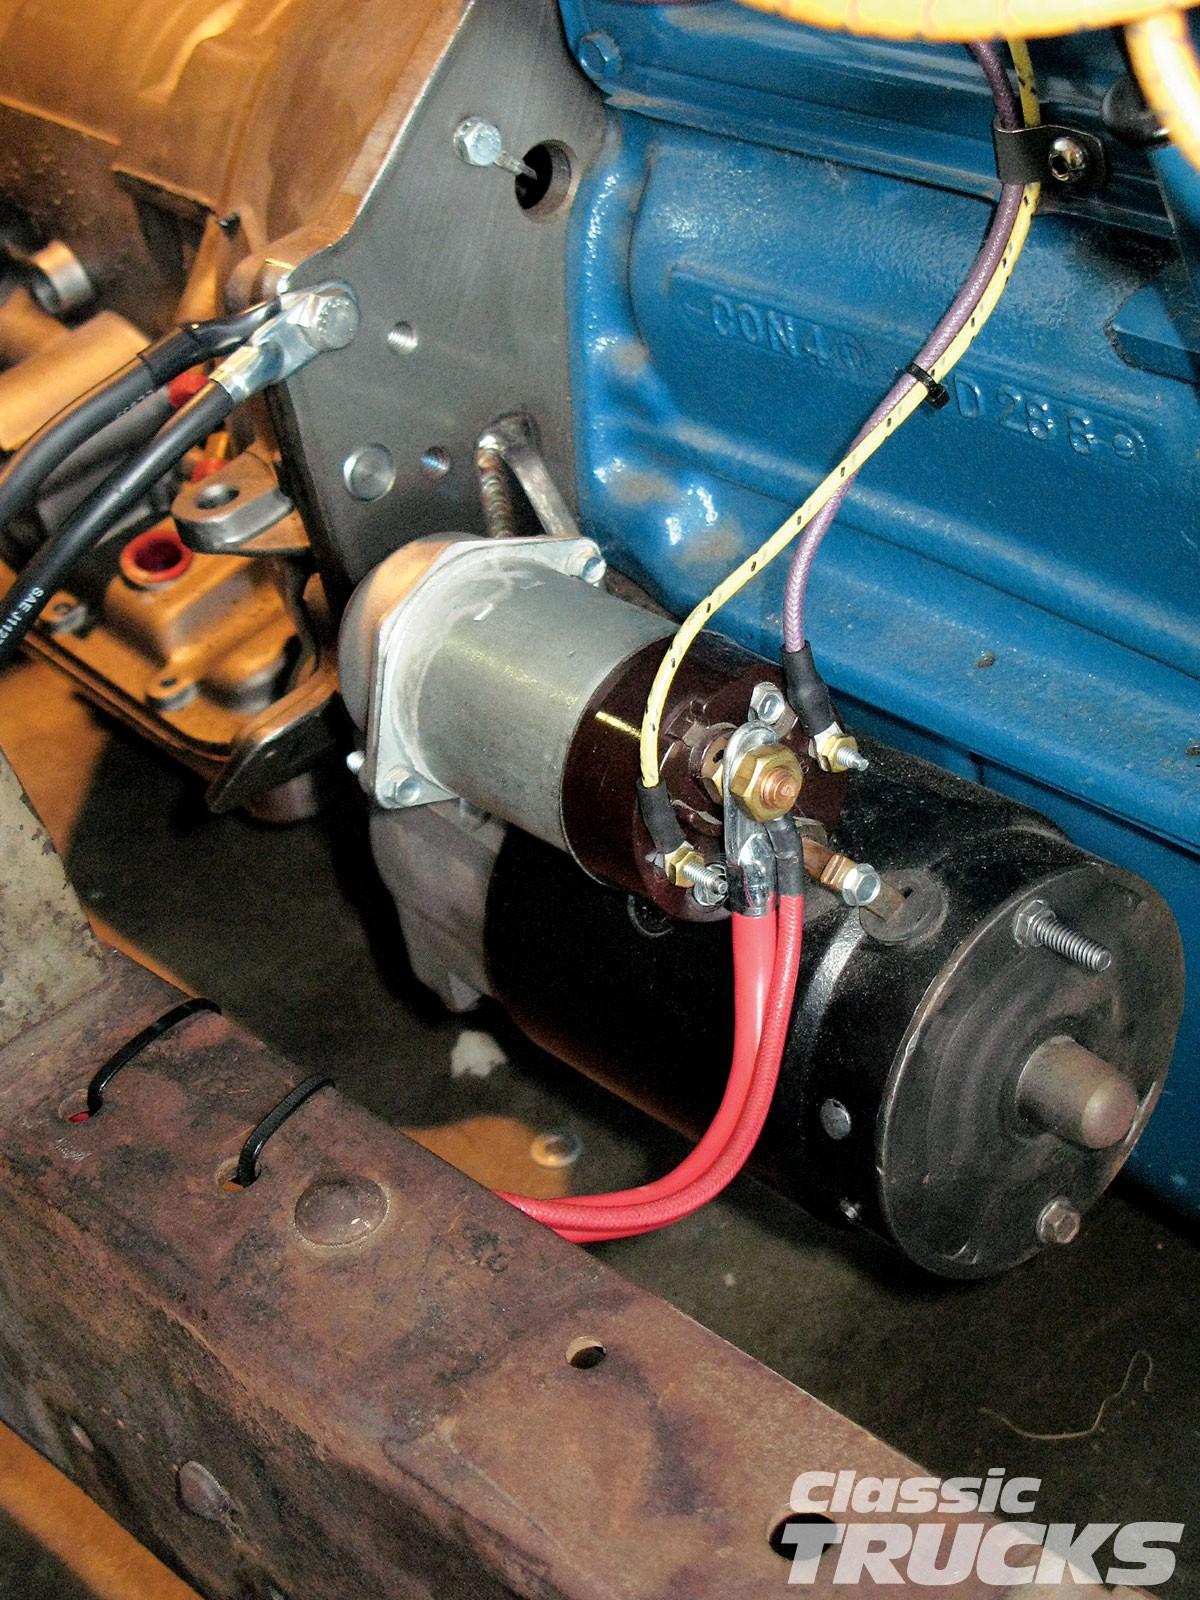 79 camaro starter wiring diagram wiring diagram vw beetle ignition switch wiring diagram wiring diagram 1971 camaro wiring